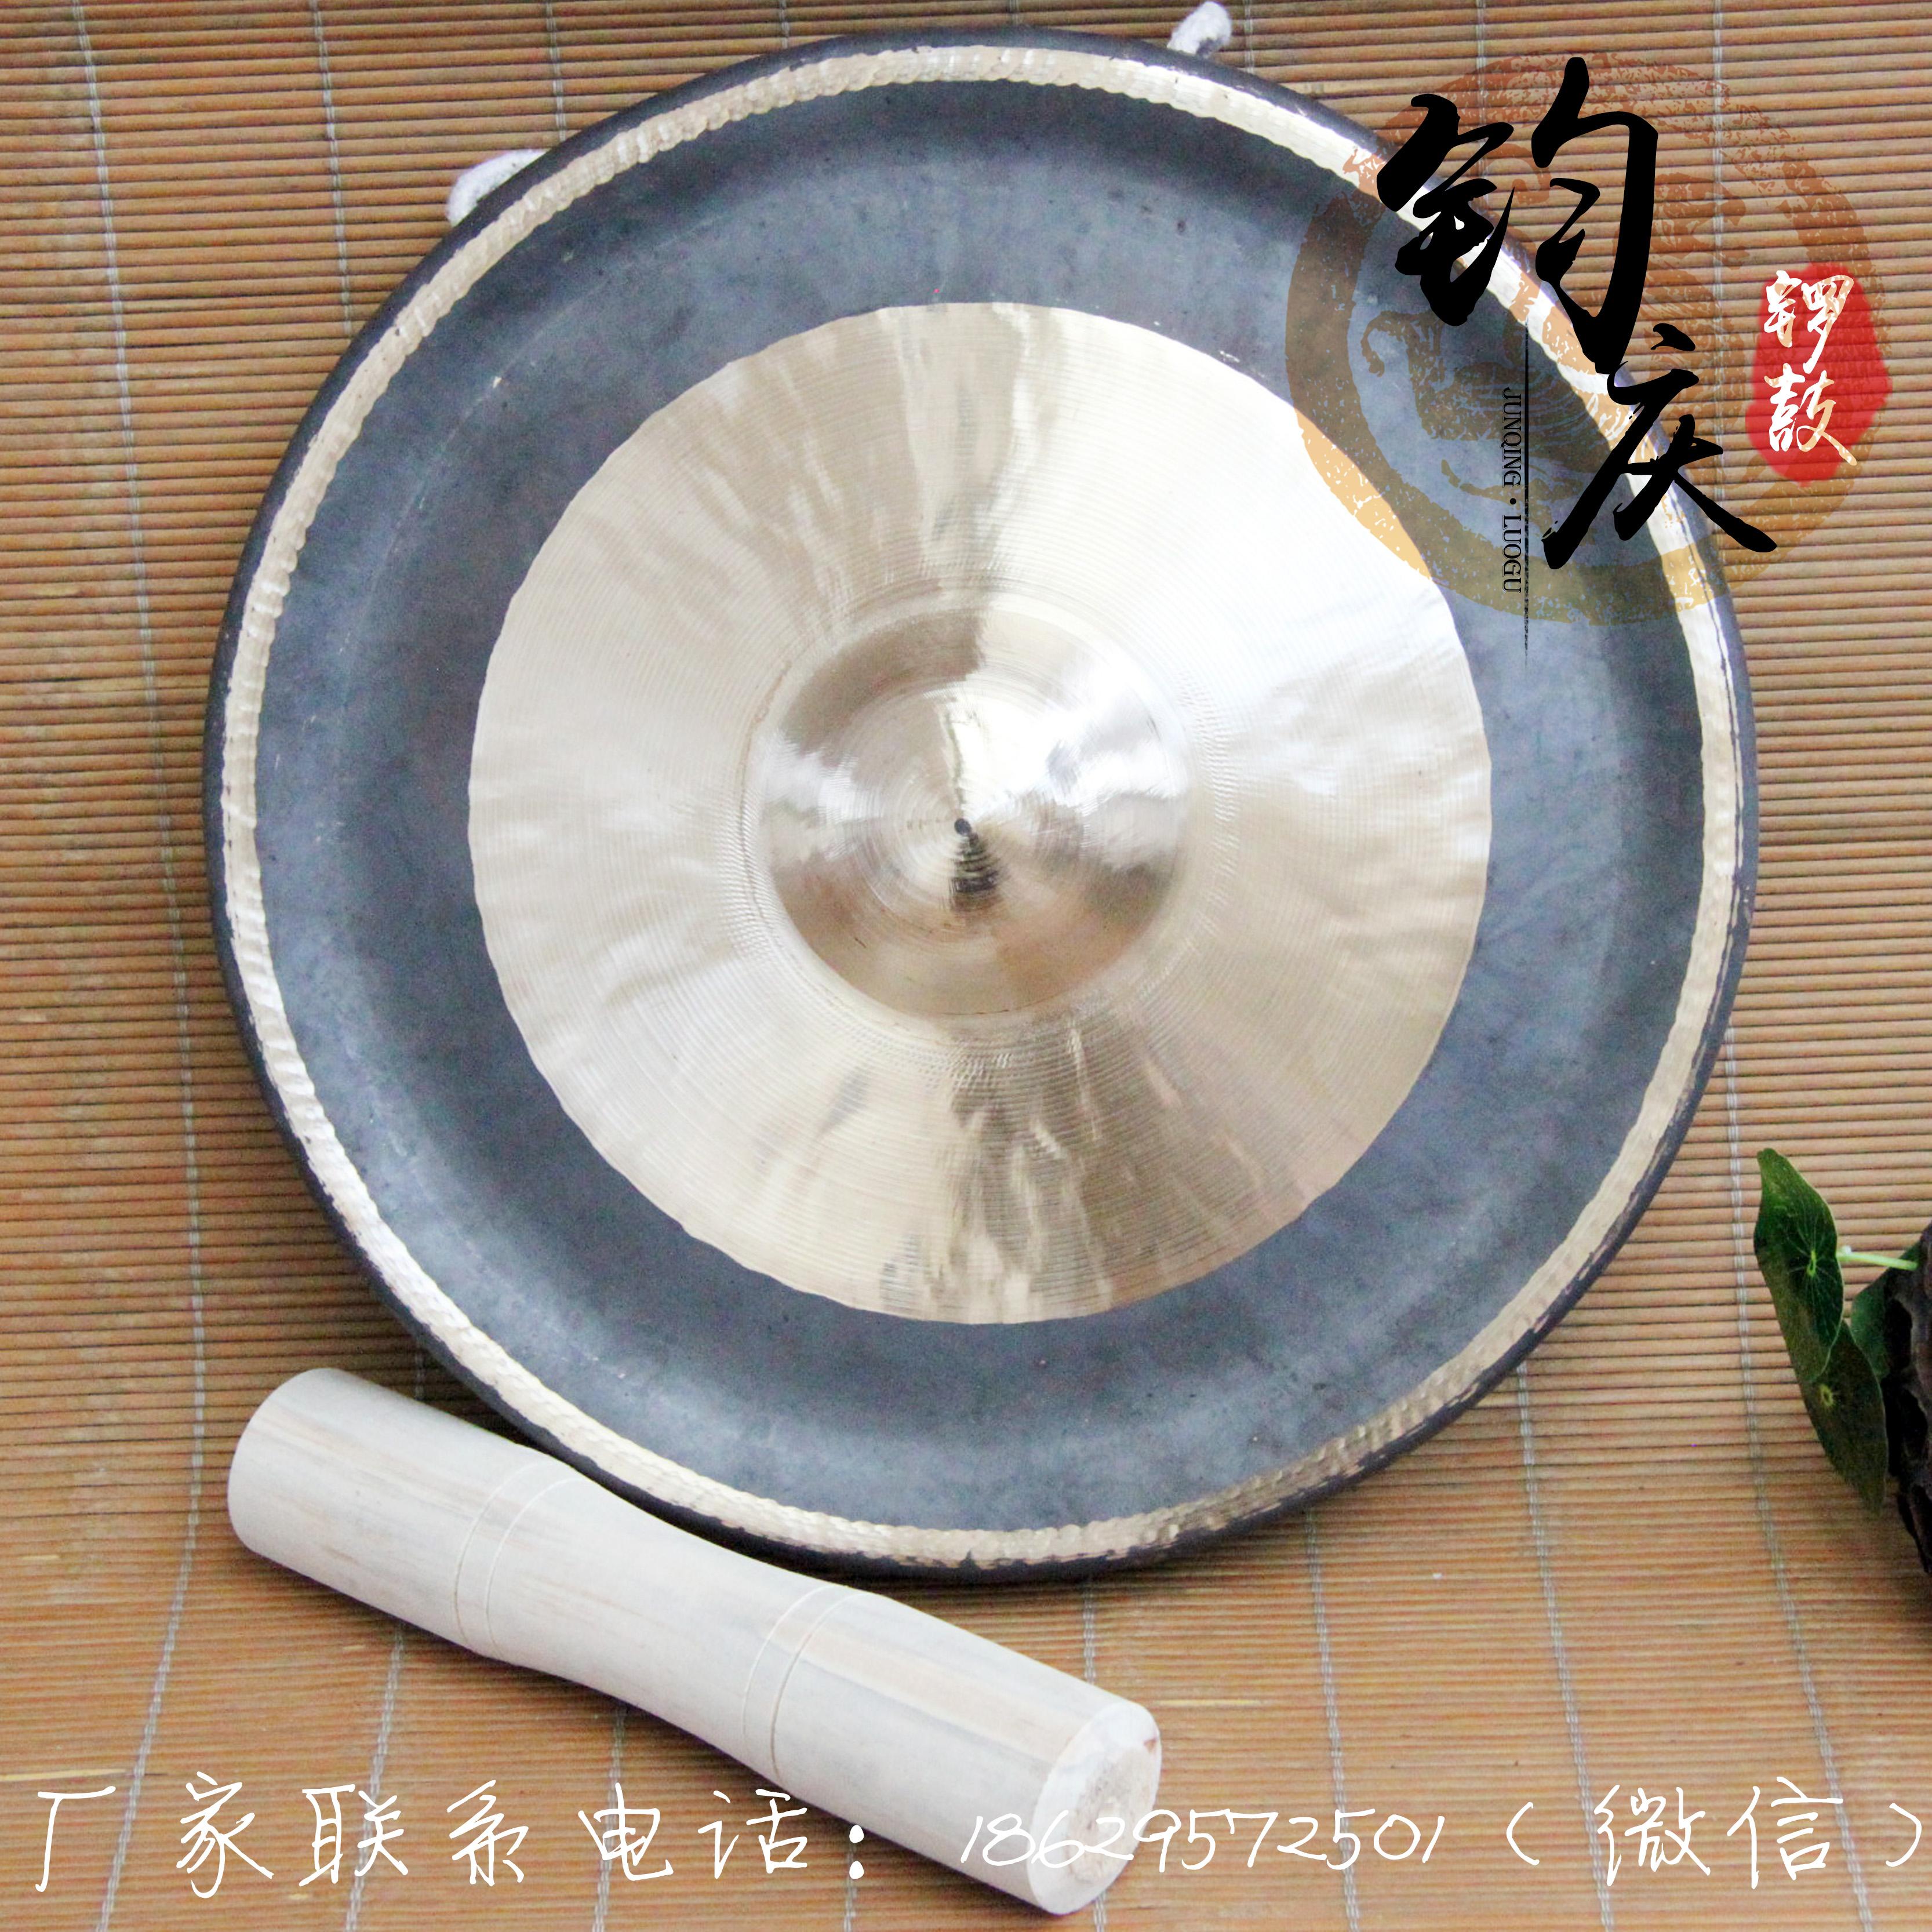 20 - Gong mang Gong Gong Gong Gong in bronze ritual music